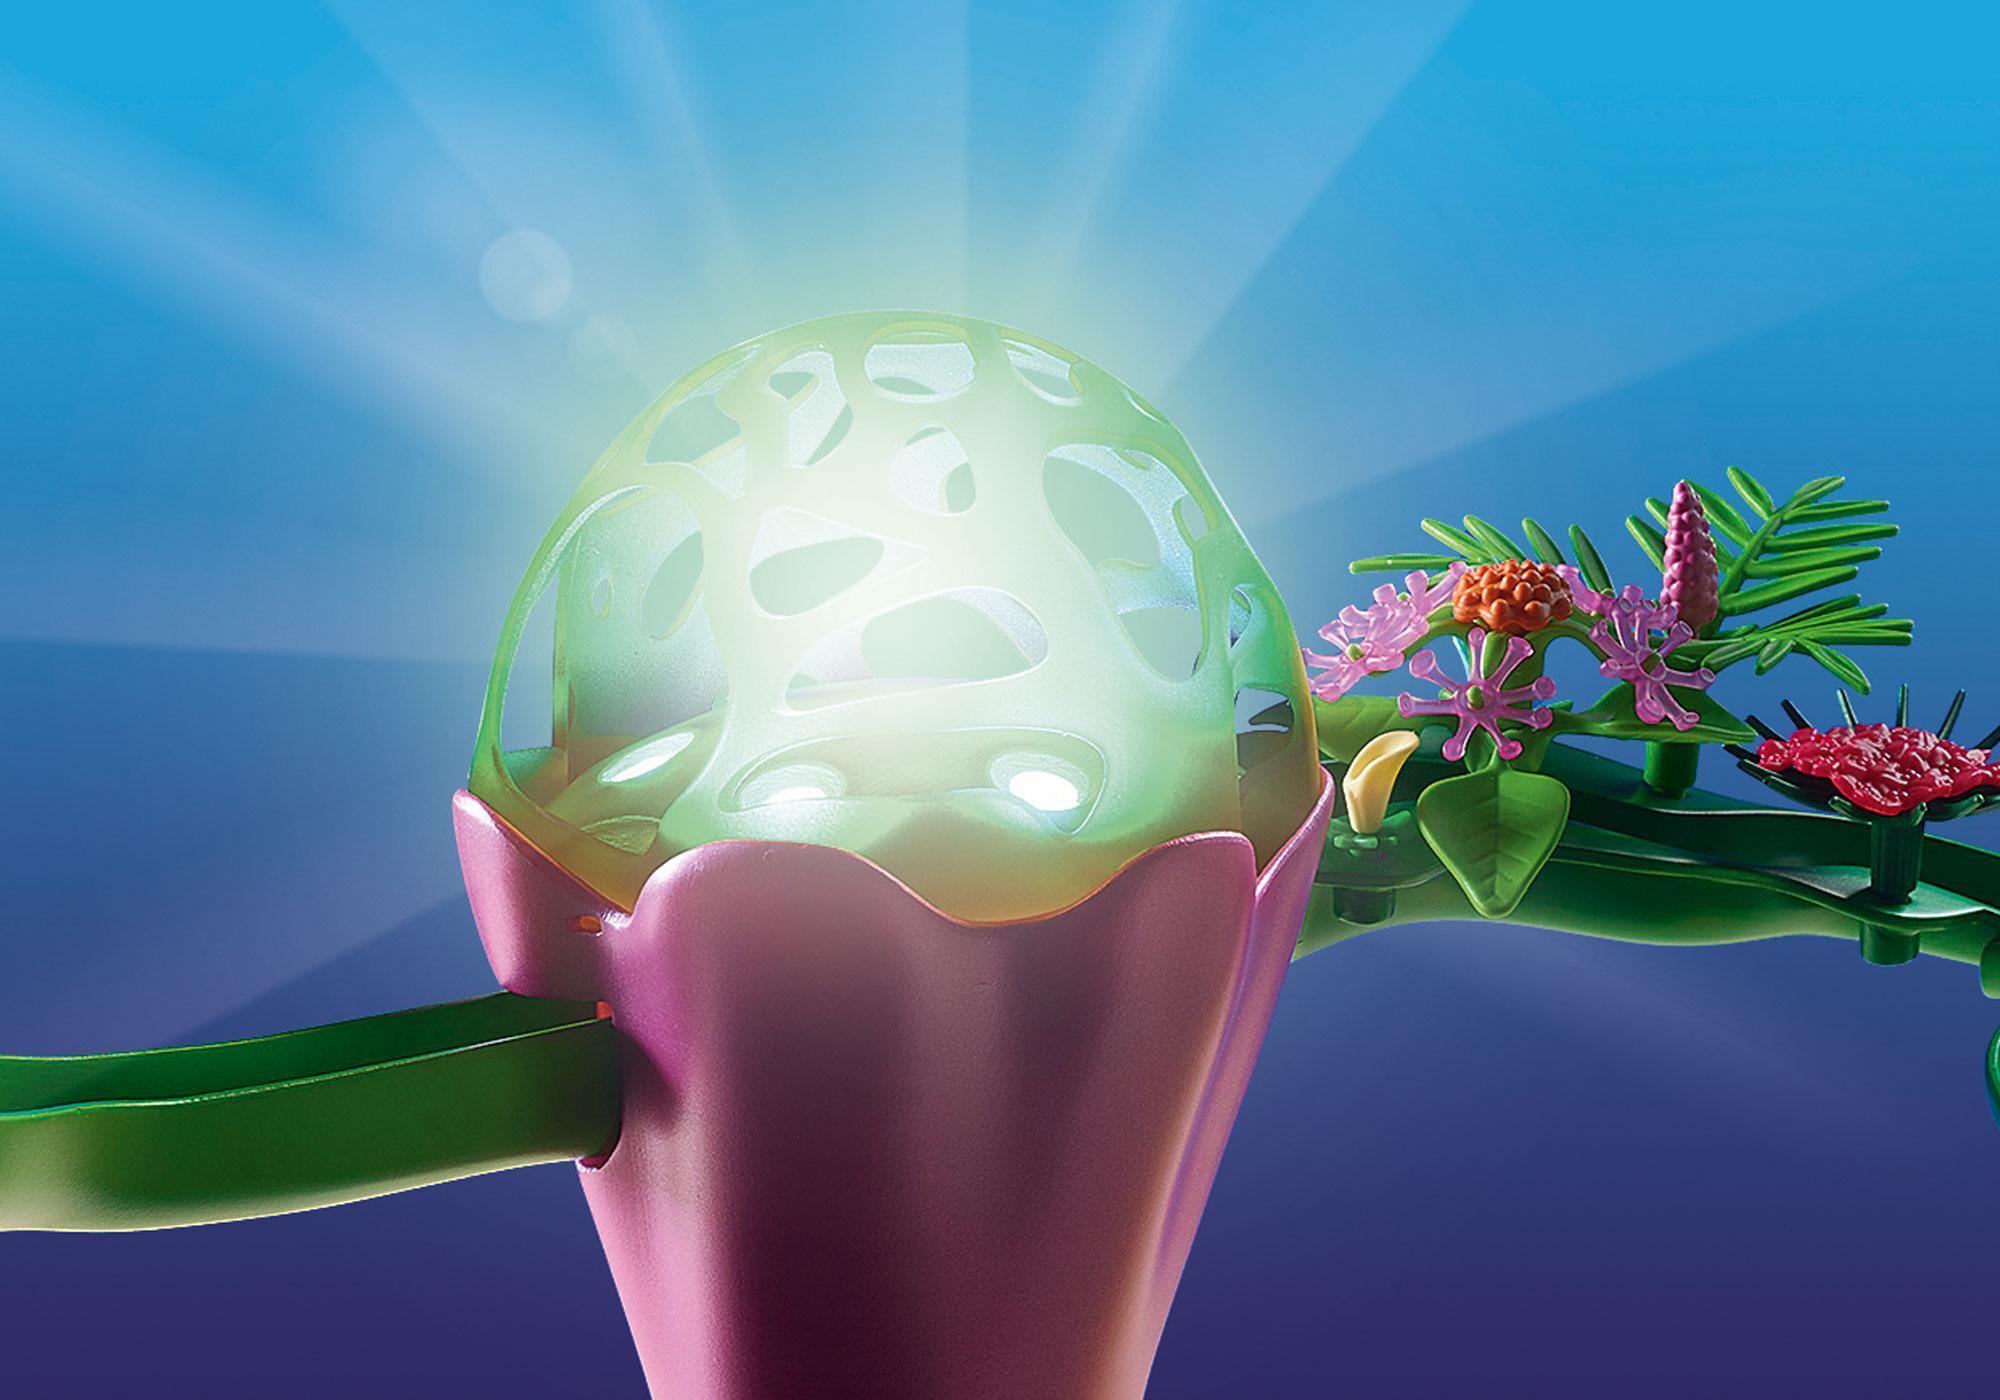 http://media.playmobil.com/i/playmobil/70094_product_extra3/Pavillon de corail avec dôme lumineux